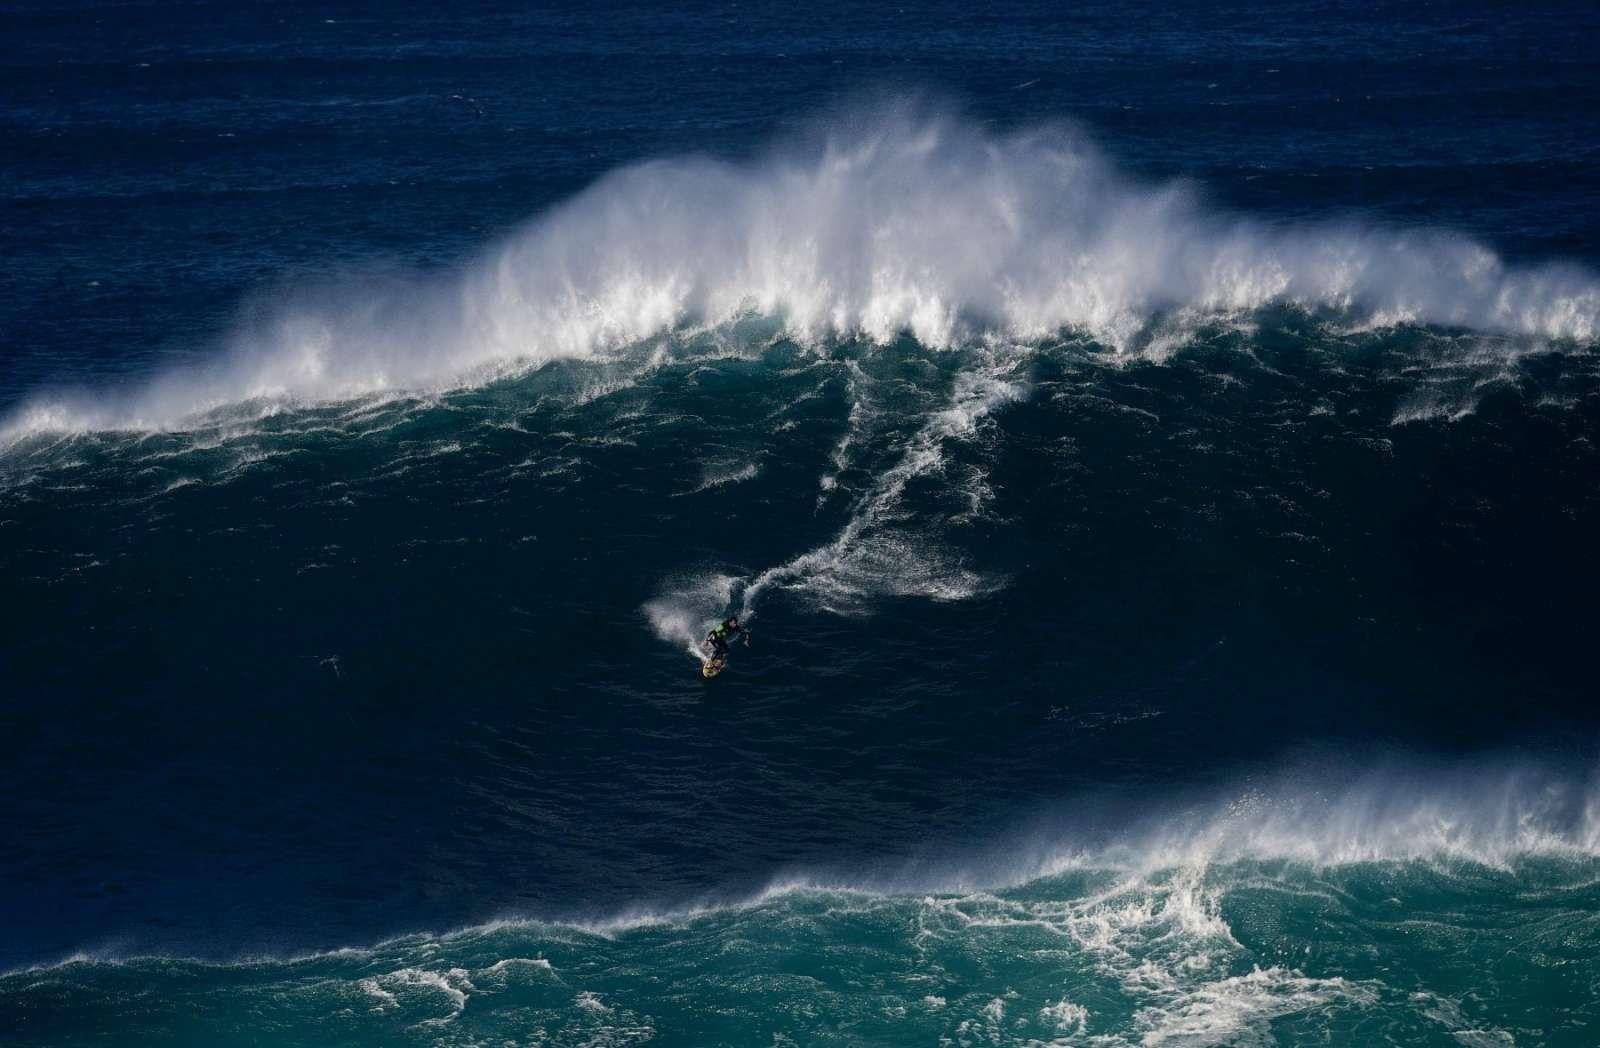 video-les-surfeurs-a-l-assaut-des-premieres-vagues-geantes-de-nazare.jpg (Image JPEG, 1600×1048 pixels) - Redimensionnée (67%)